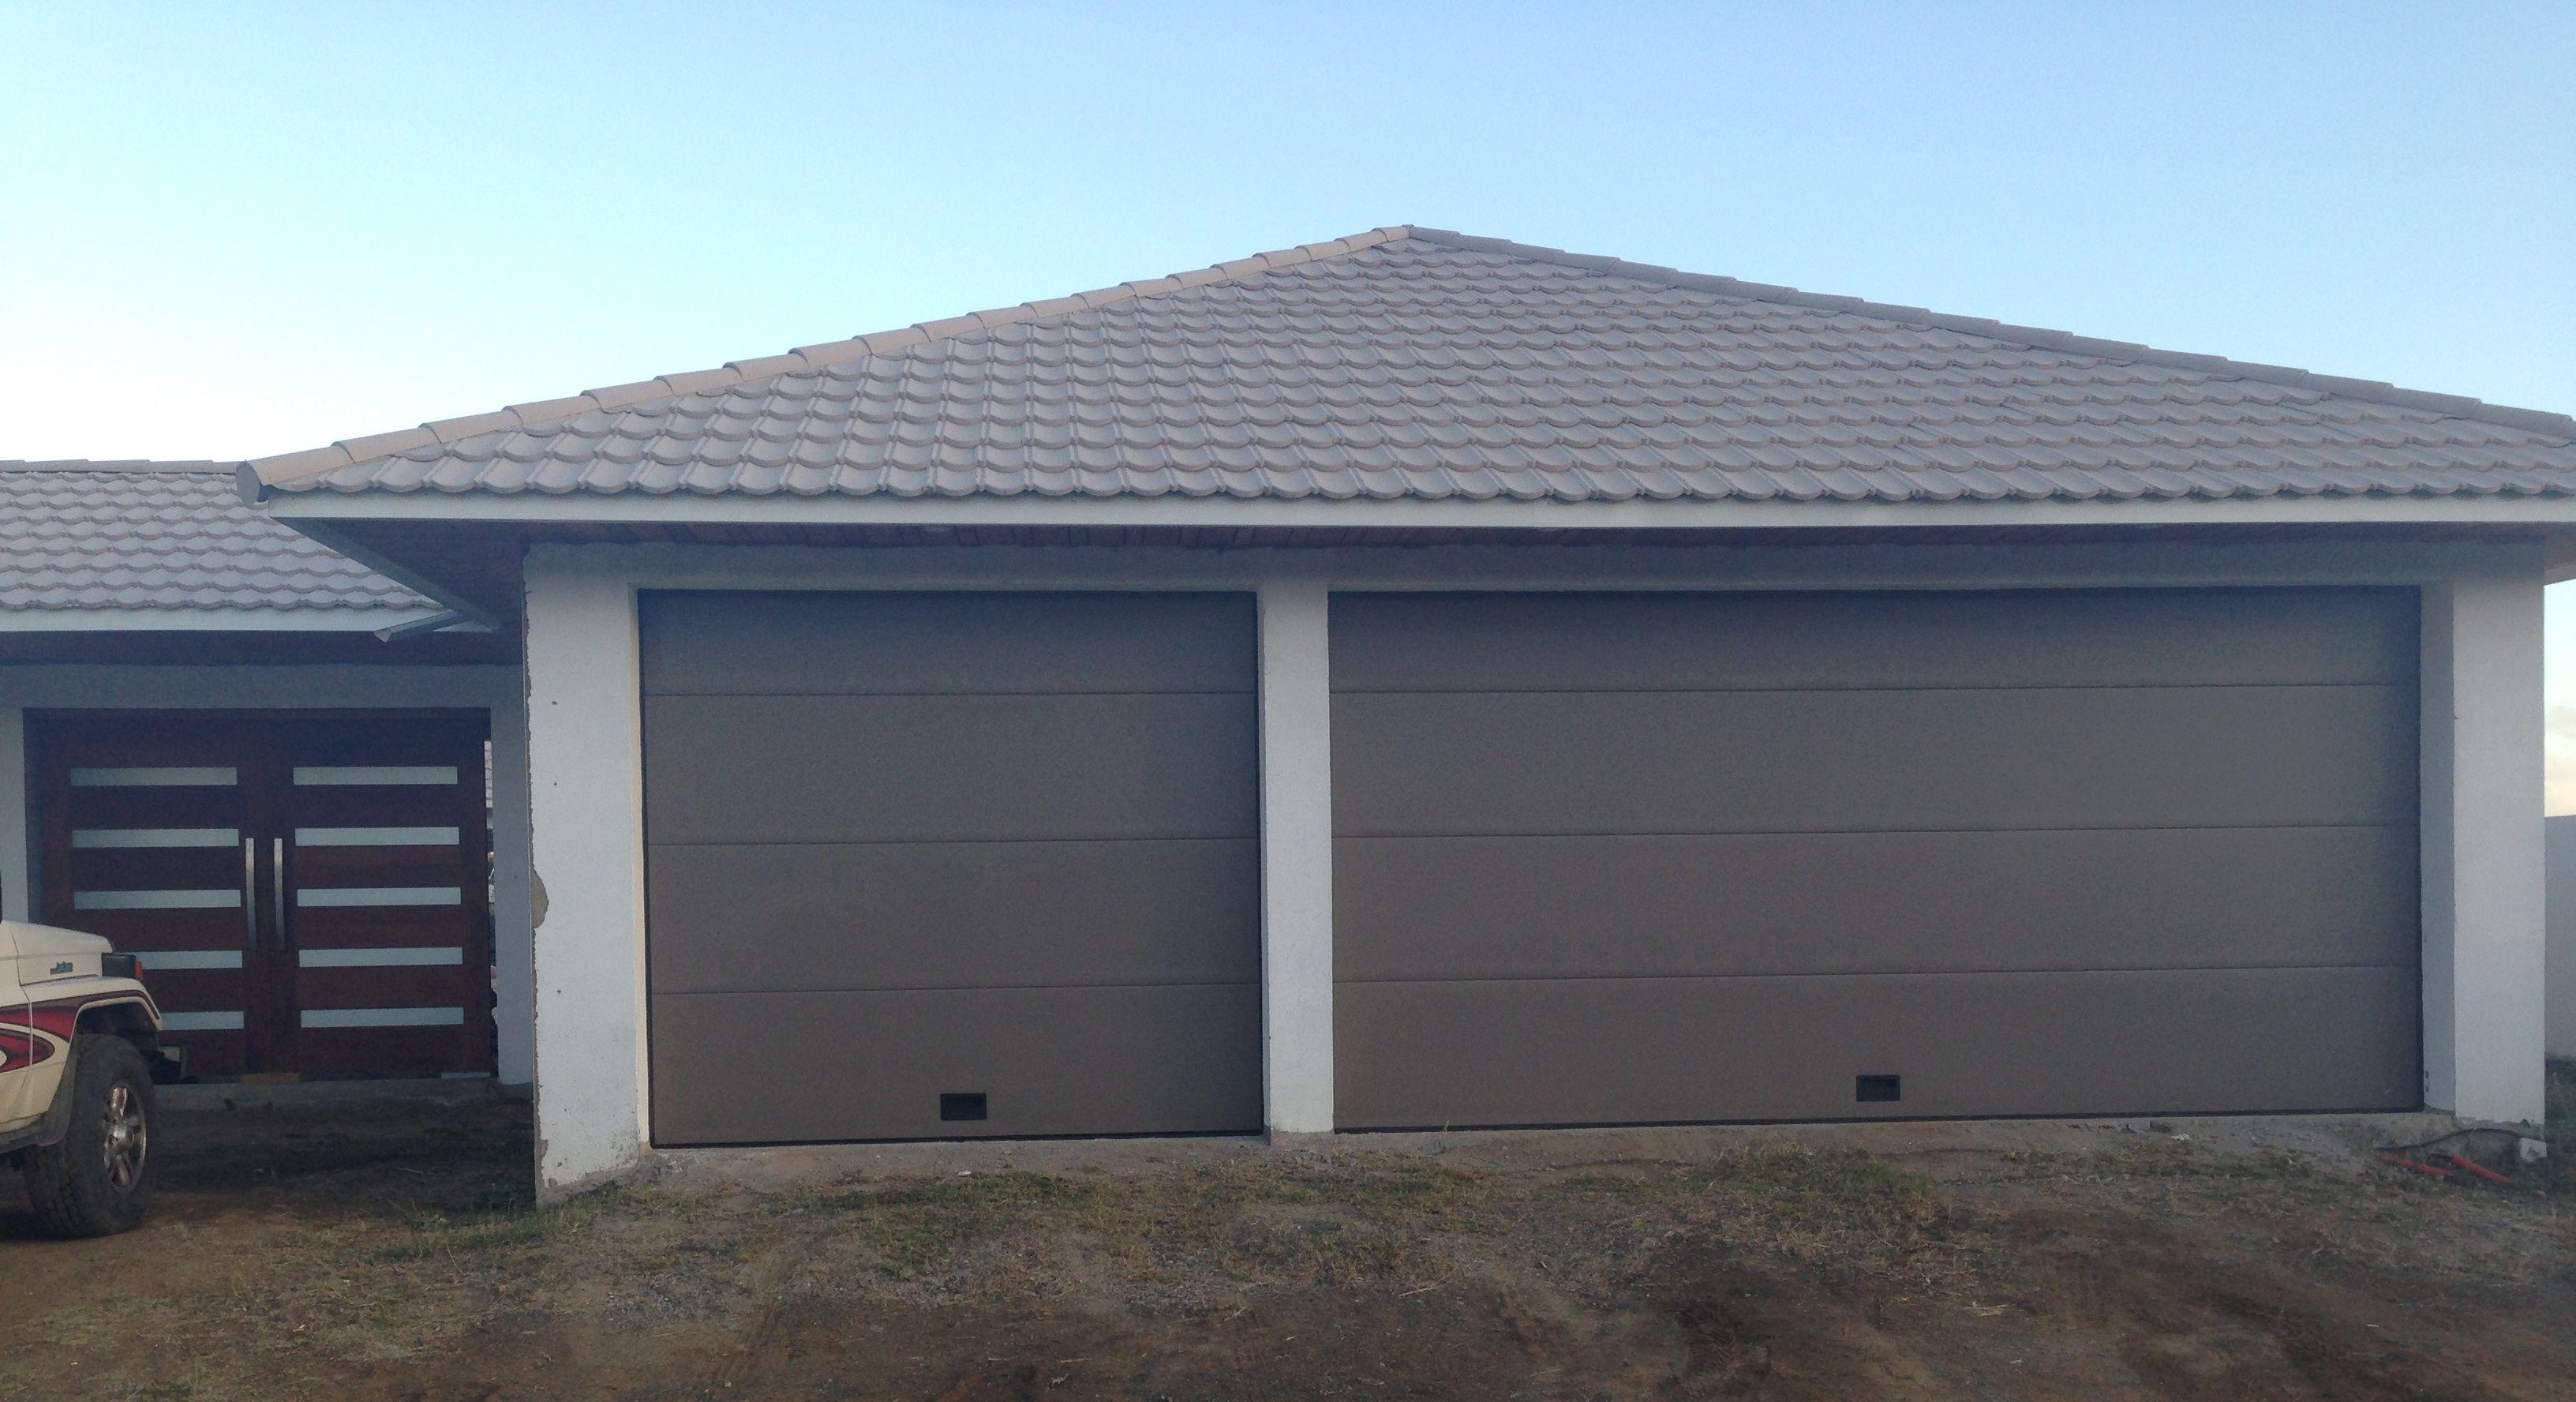 Porte De Garage Sectionnelle Sur Mesure En Aluminium NAO Porte De - Porte de garage aluminium